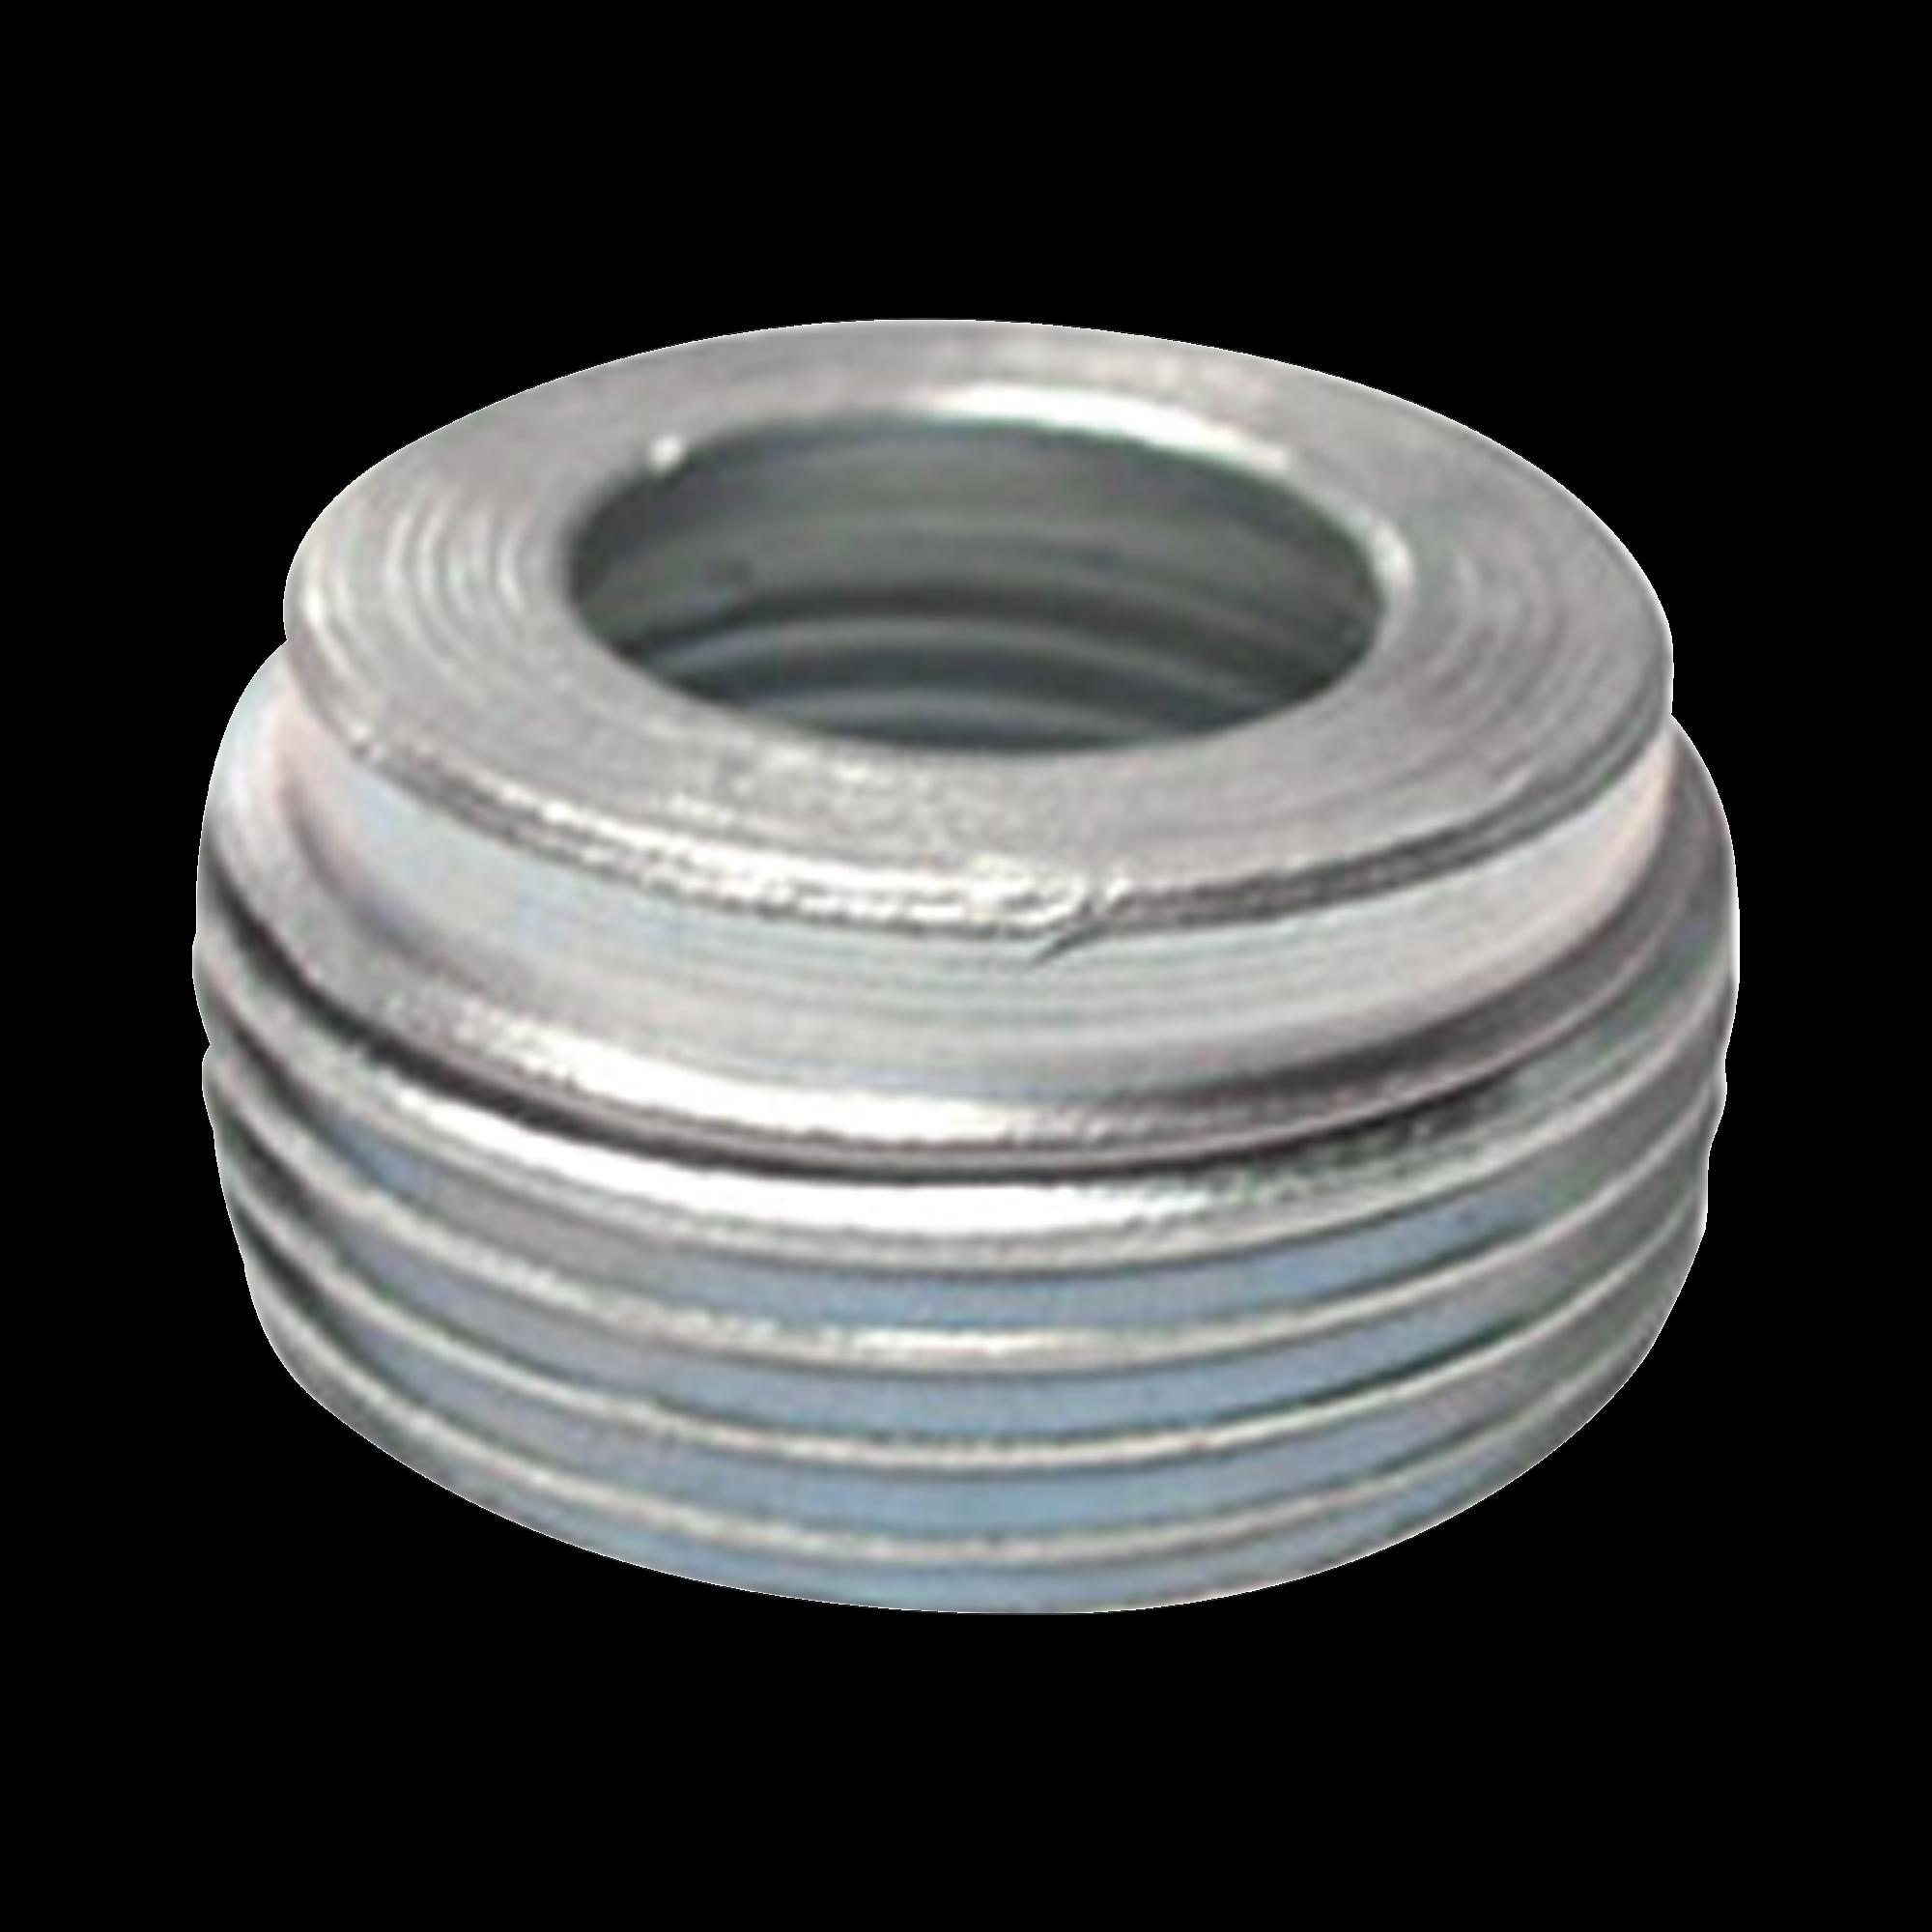 Reduccion aluminio de 25-19 mm 1 - 3 / 4